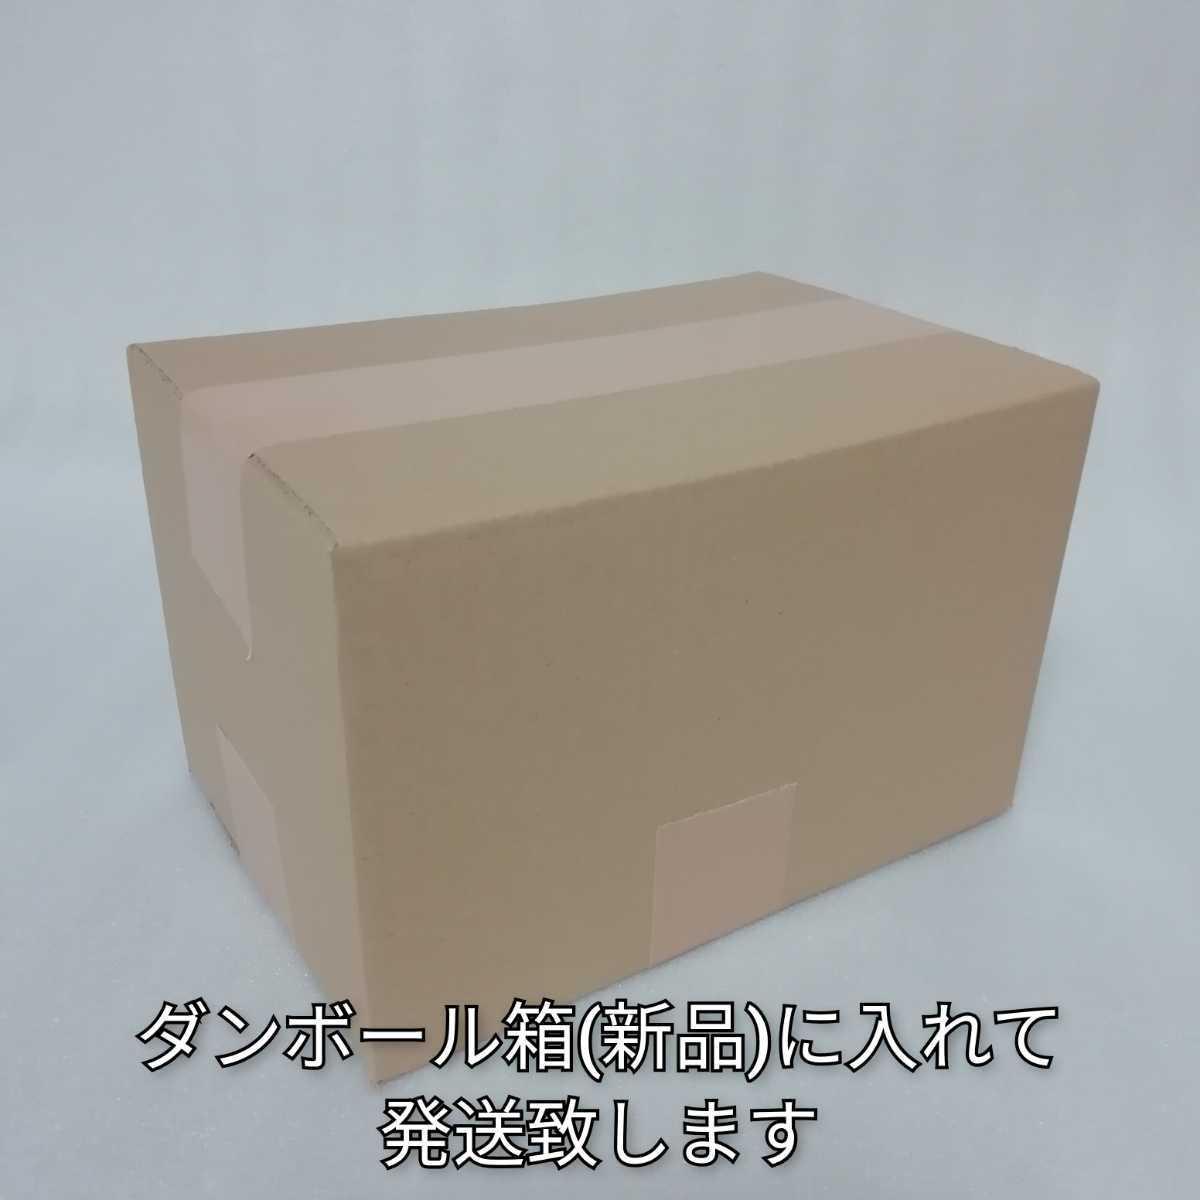 クラブハリエ 2種類2箱 バームクーヘンmini 4.2cm 7.7cm バームクーヘン バウムクーヘン クラブハリエ お菓子 詰め合わせ_画像3